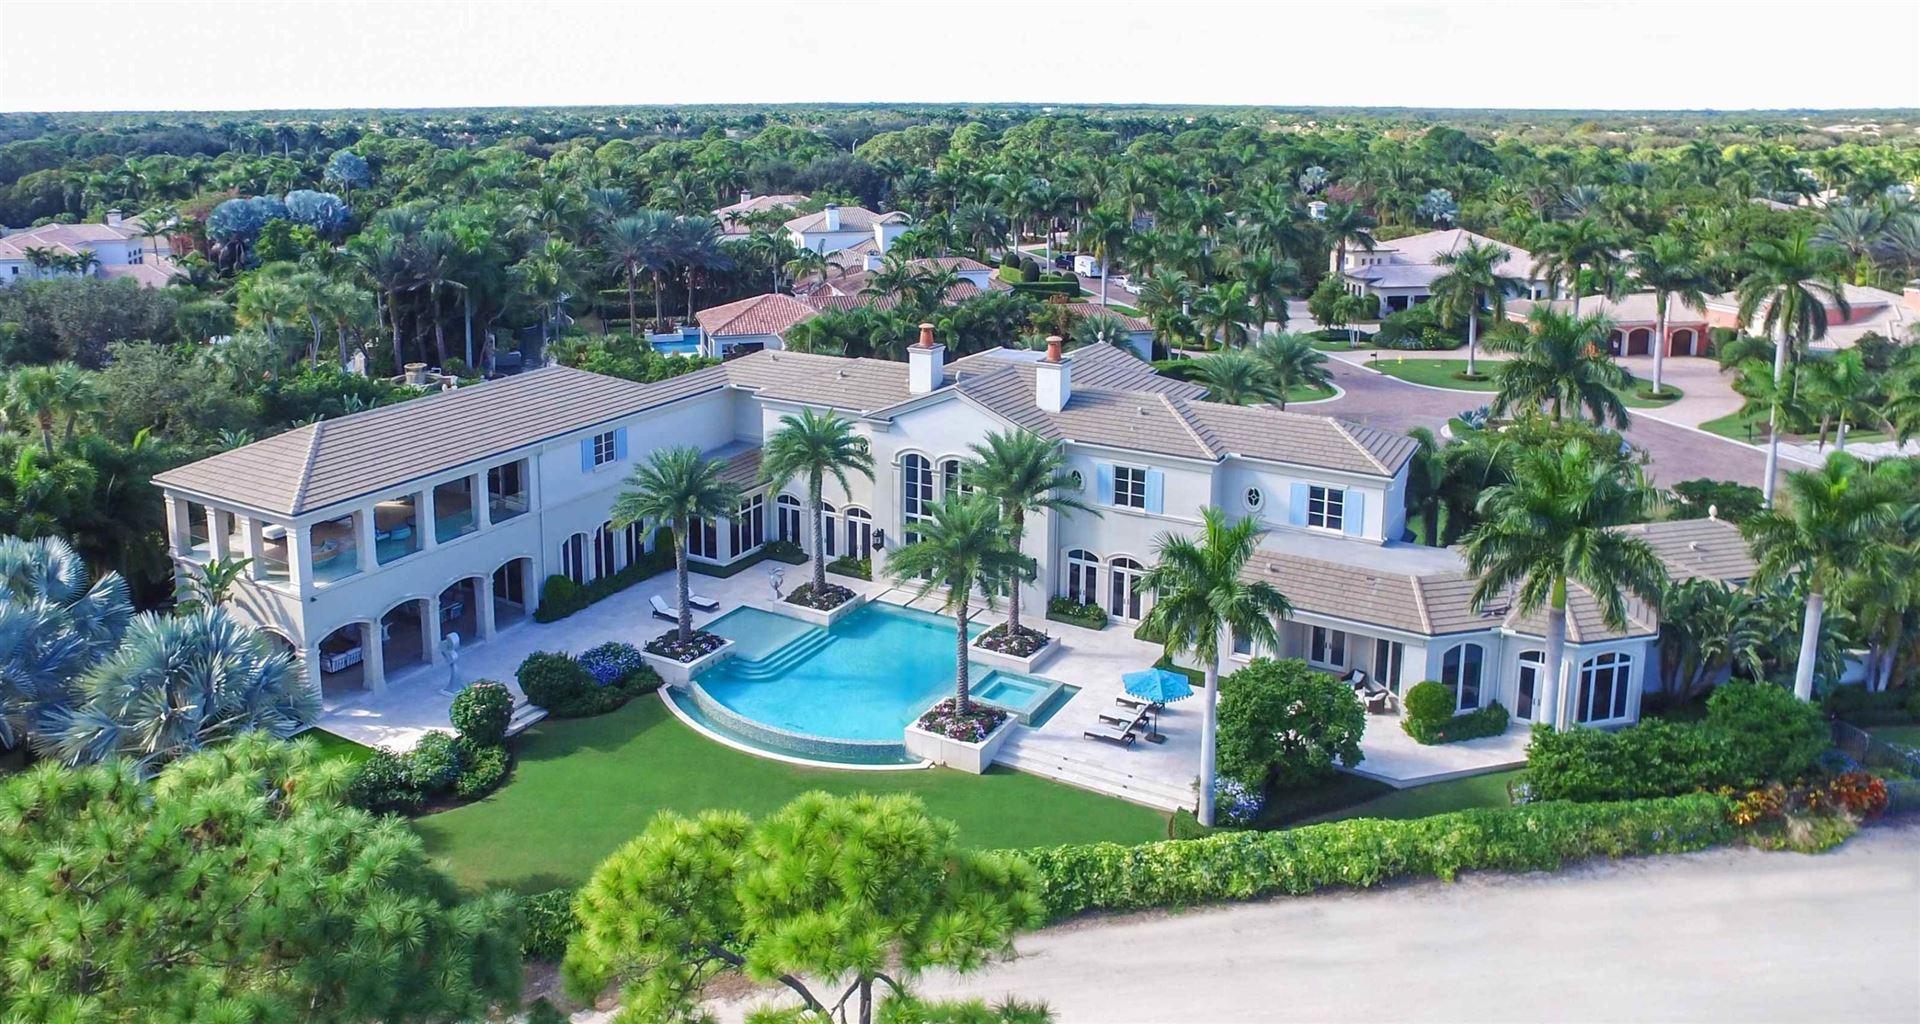 11748 Bella Donna Court, Palm Beach Gardens, FL 33418 - #: RX-10585275